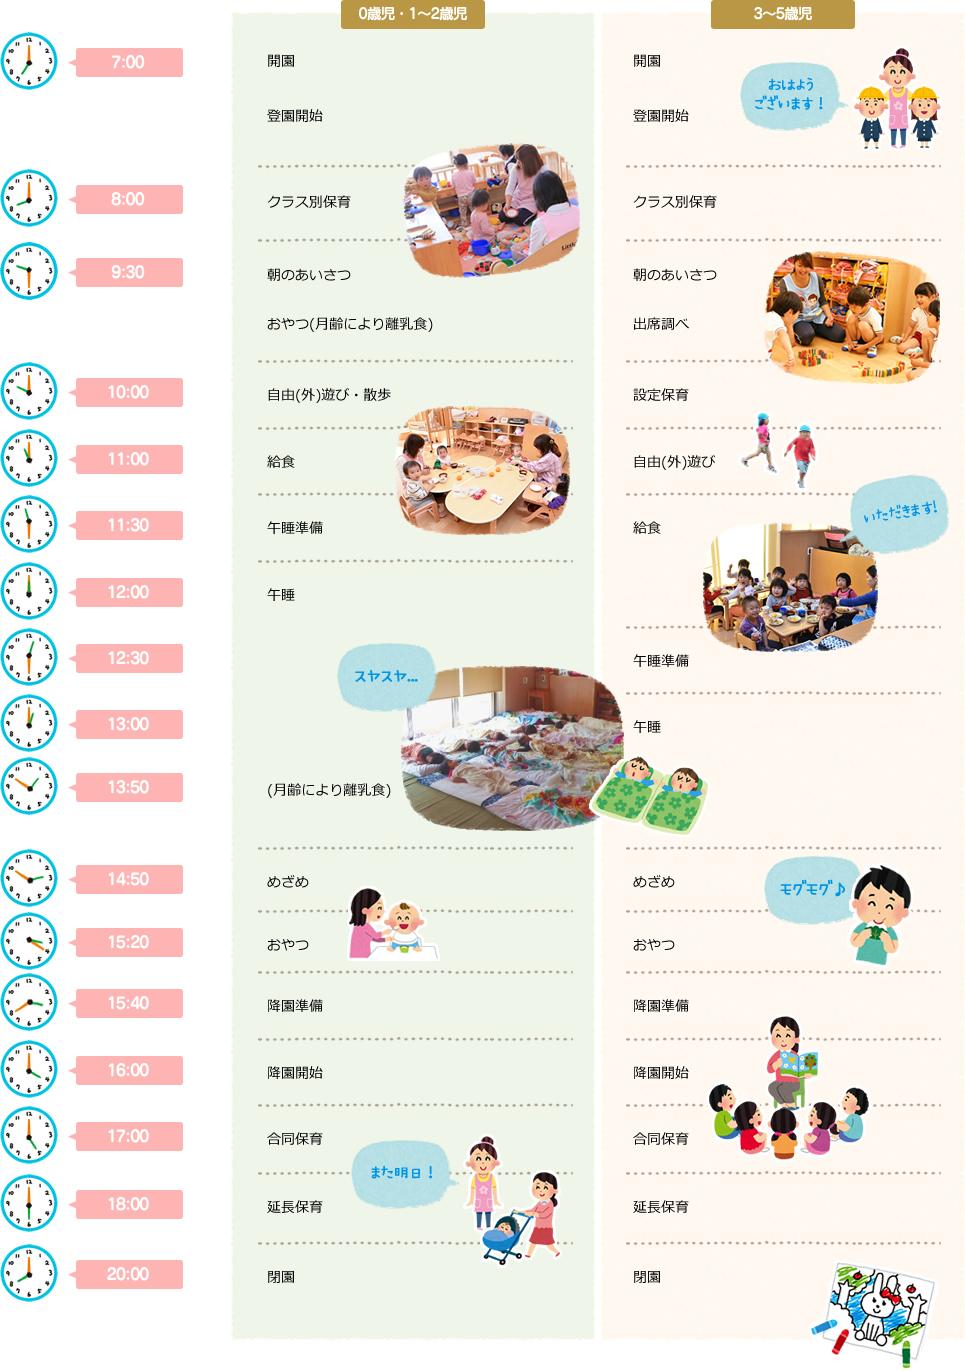 東京都青梅市にある今寺保育園です。0歳児・1~2歳児、3~5歳児の登園から降園までの一日の流れをご紹介します。